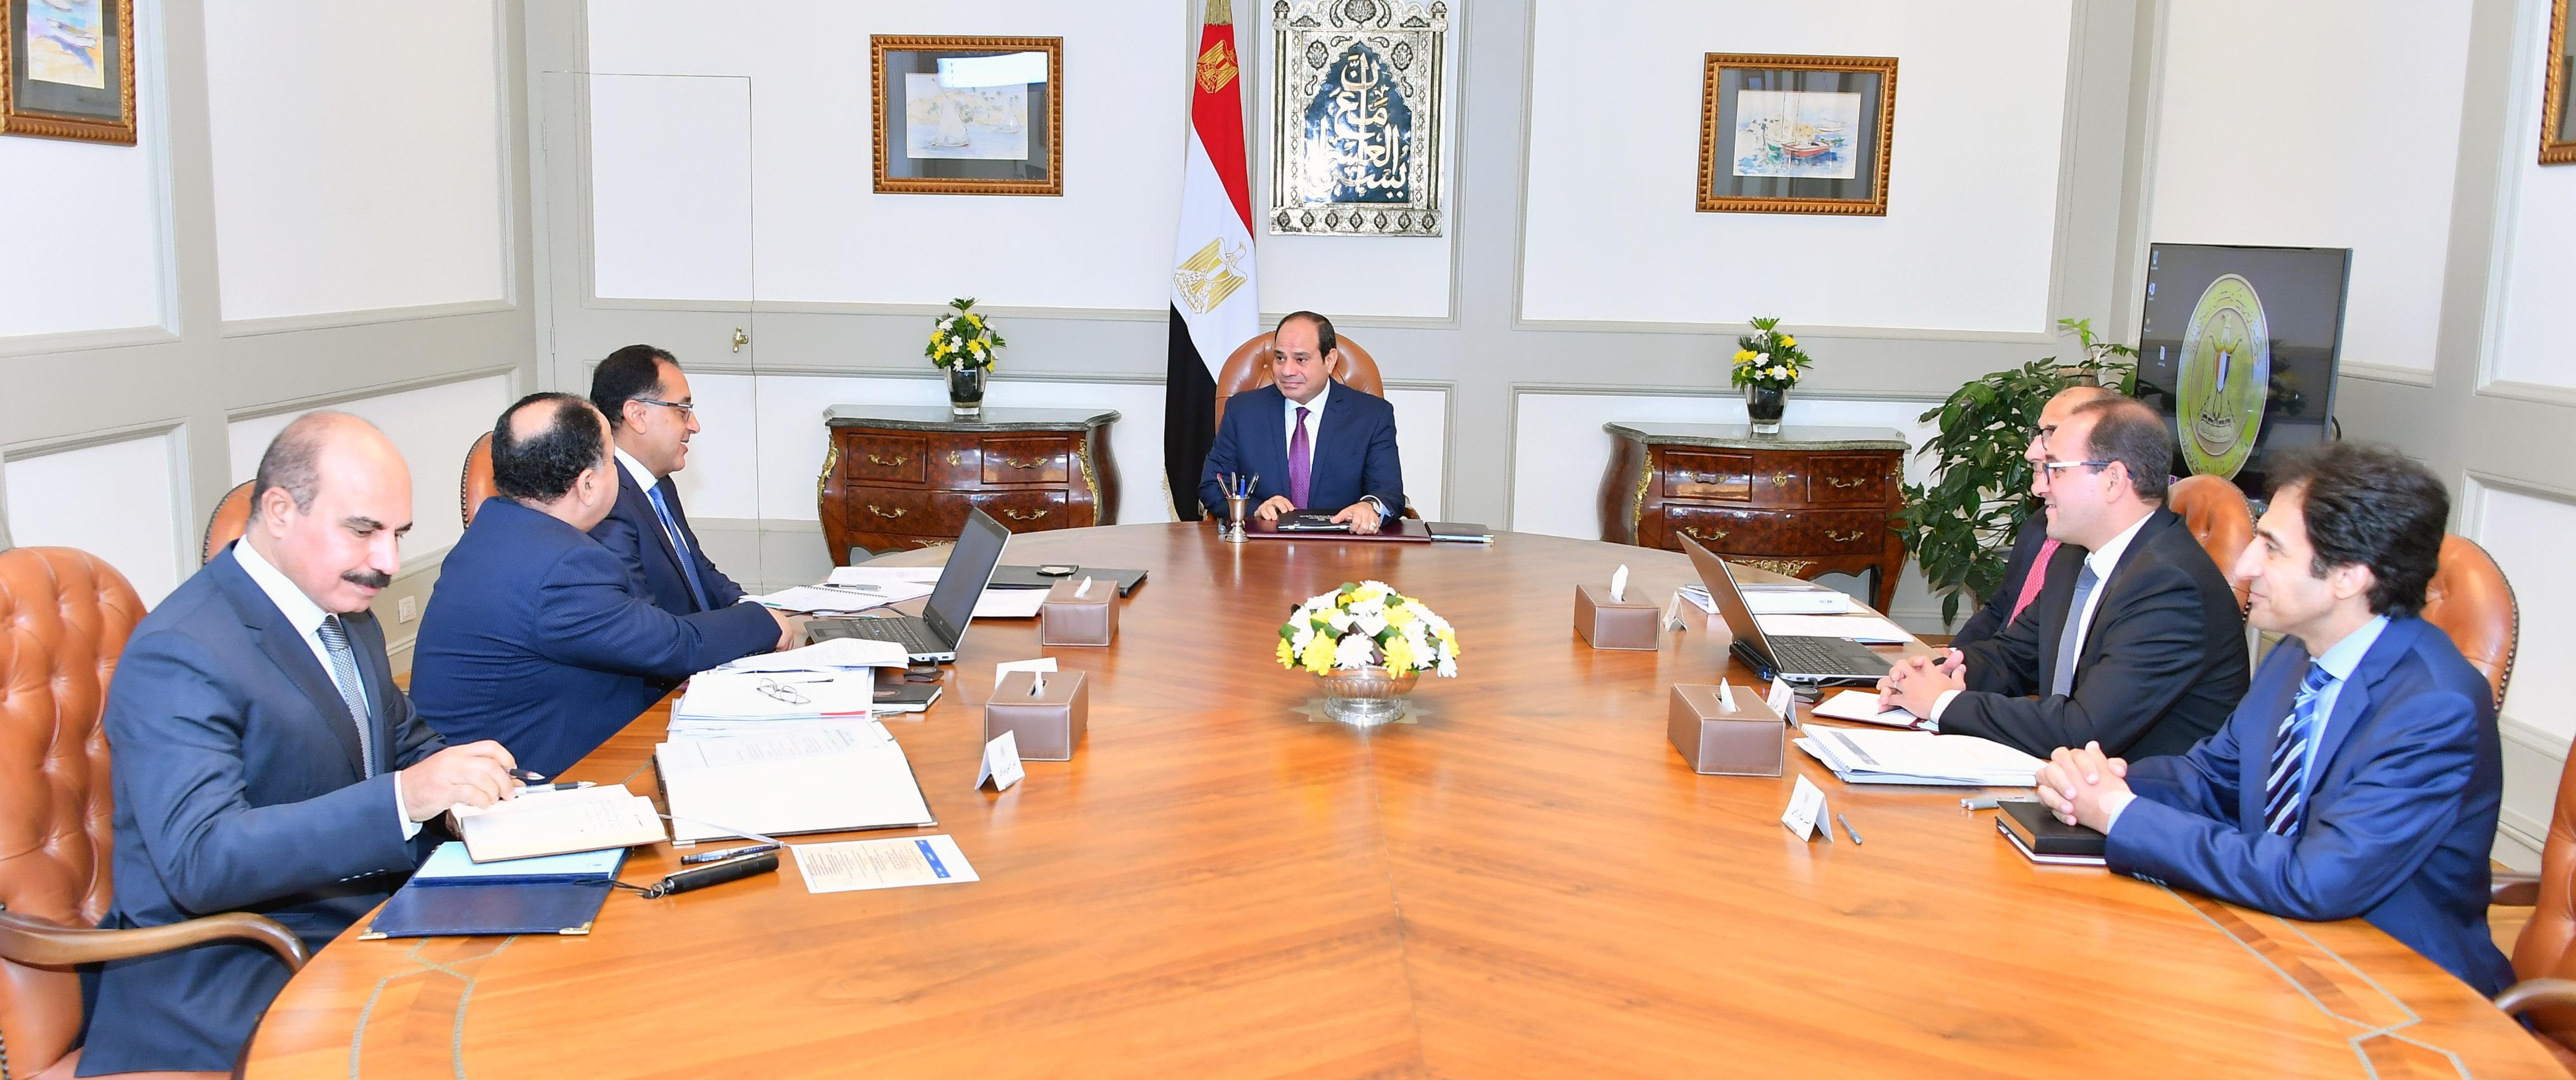 صور اجتماع السيسى مع وزير المالية (2)